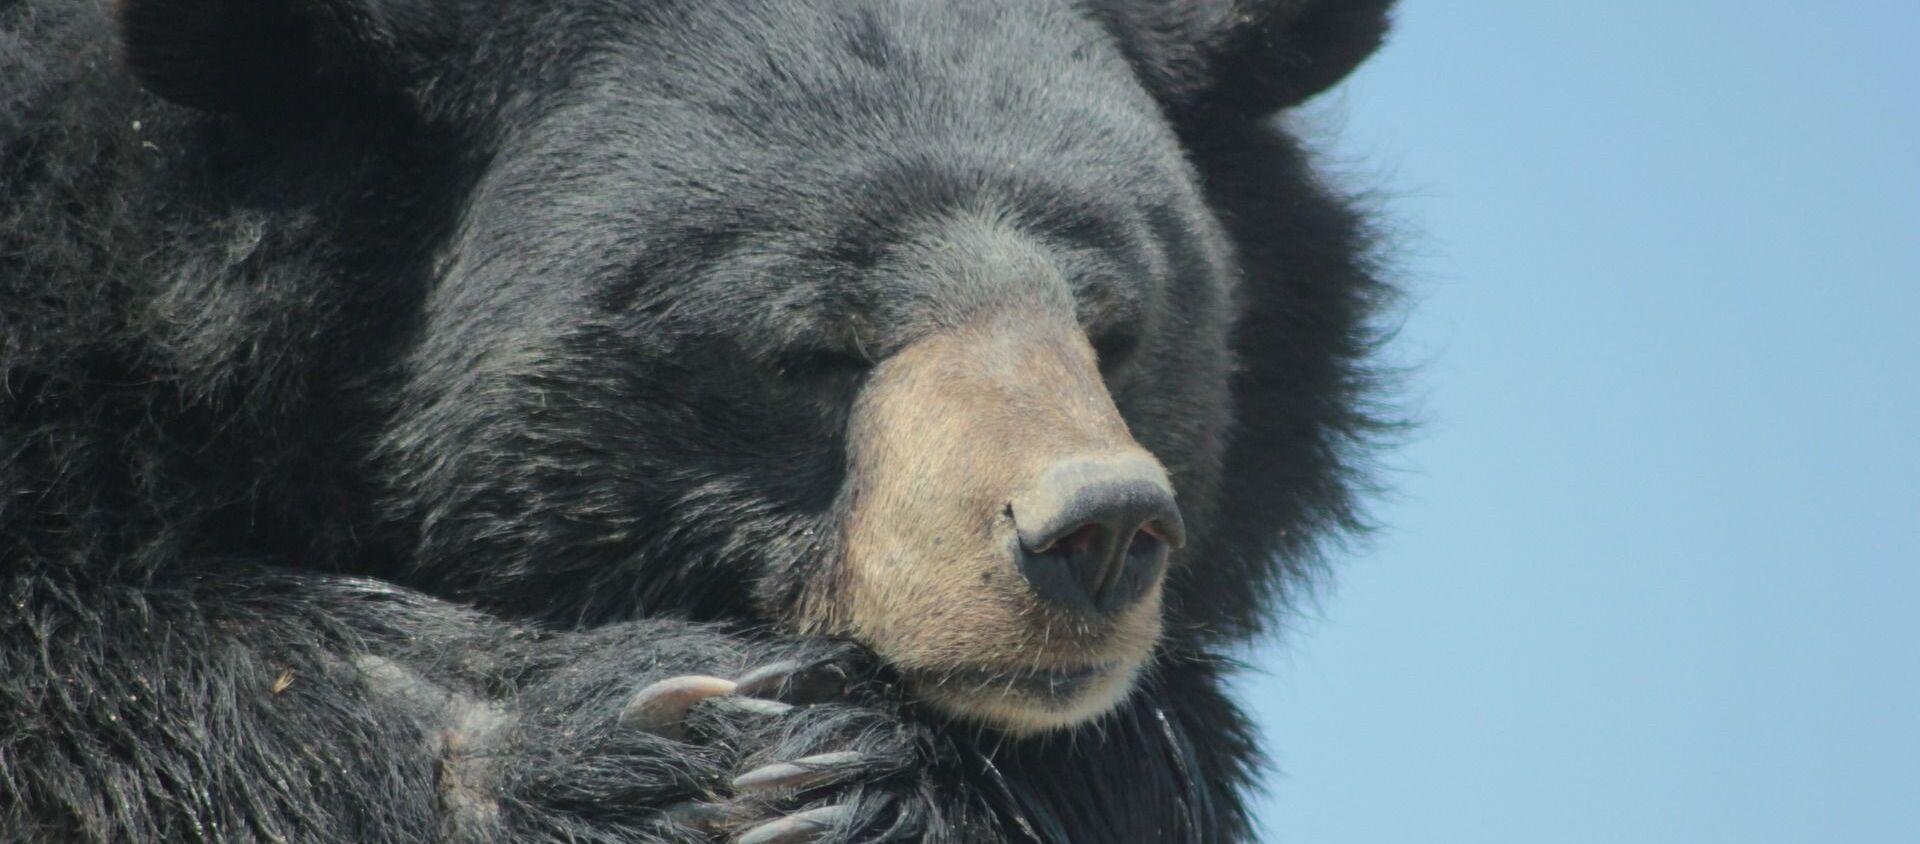 Un orso nero - Sputnik Italia, 1920, 21.02.2021